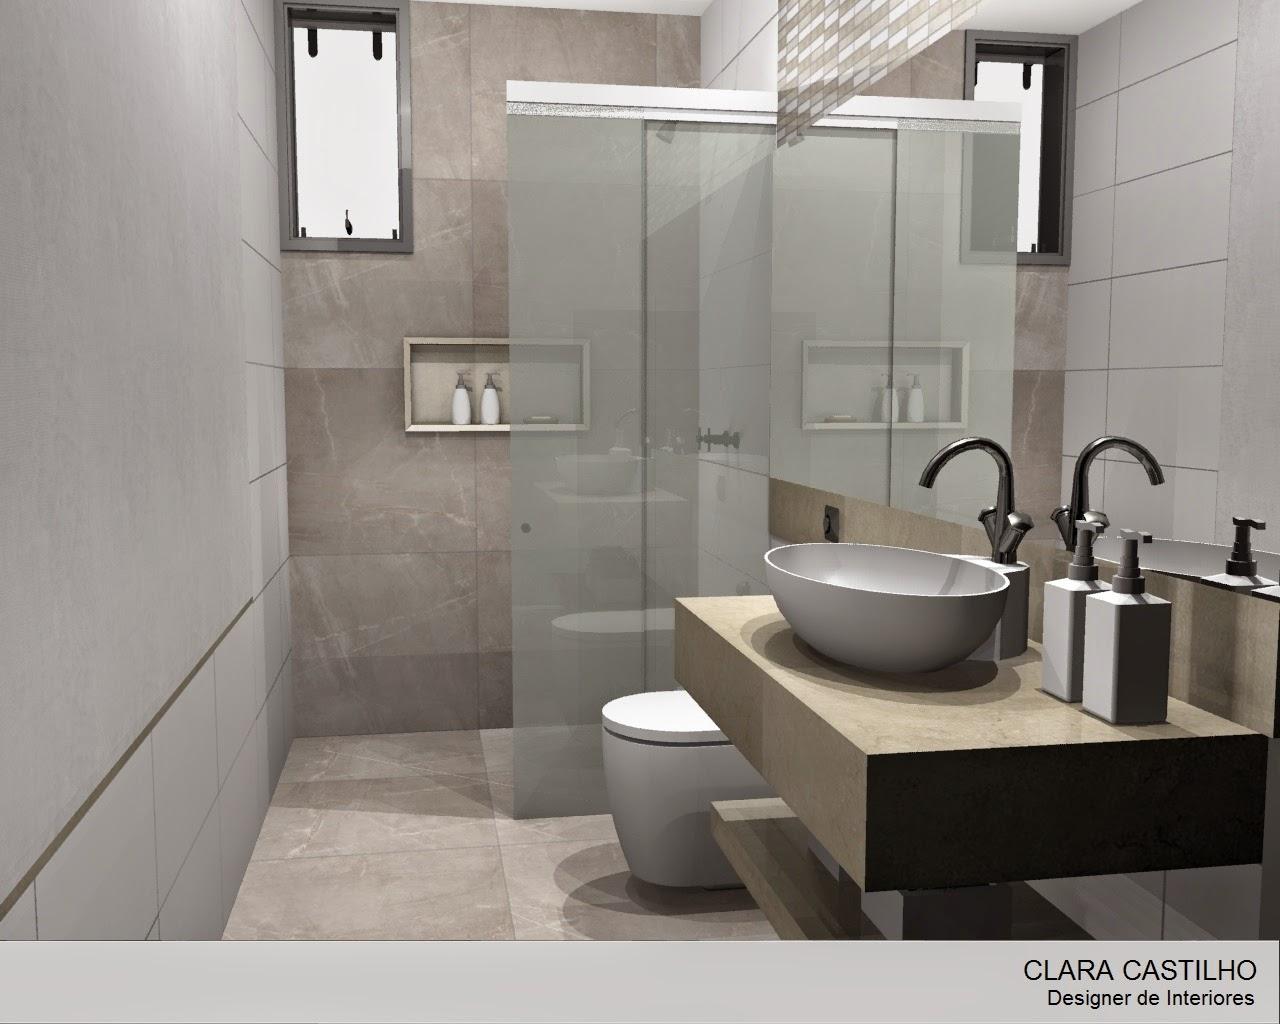 Clara Castilho BANHEIRO REPAGINADO -> Decoracao De Banheiro Na Cor Cinza